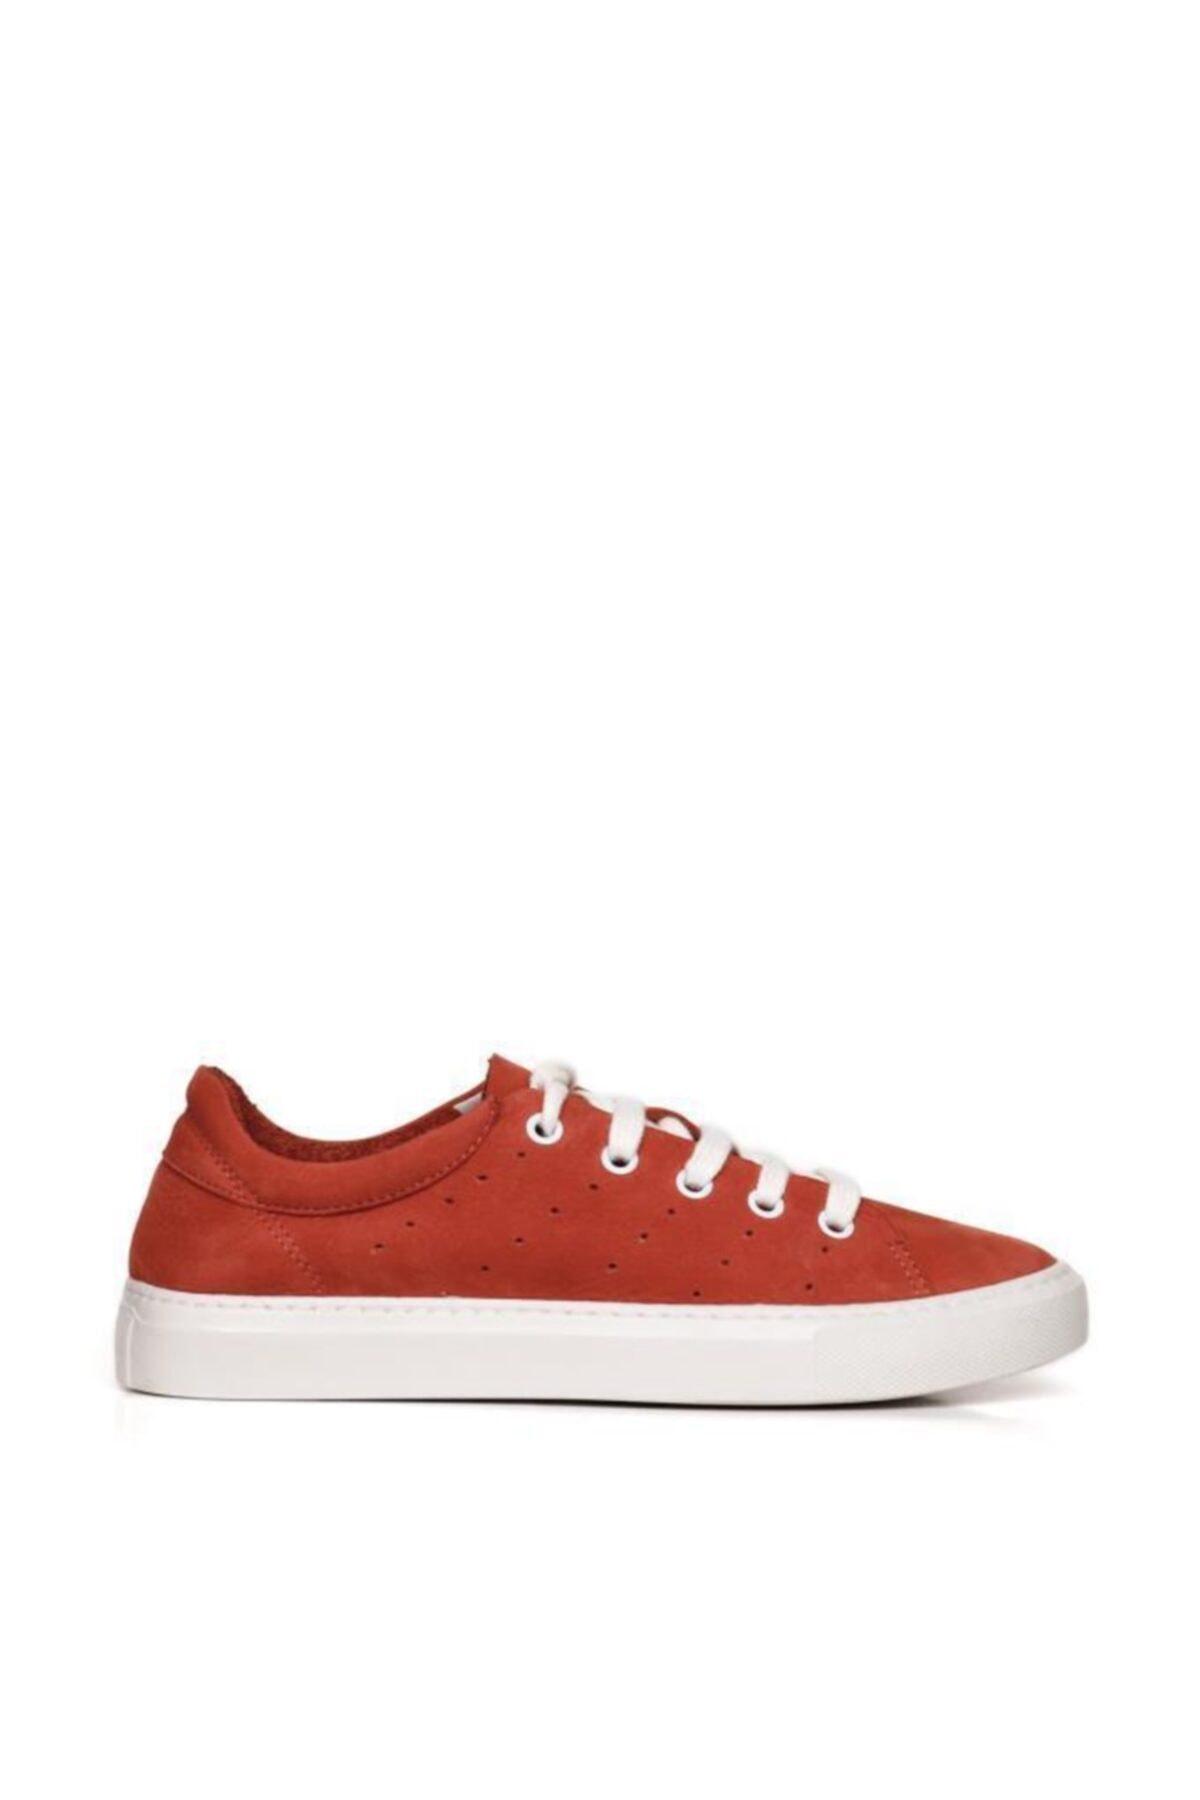 BUENO Shoes Hakiki Deri Yanları Nokta Detaylı Bağcıklı Kadın Spor Ayakkabı 20wq4700 2